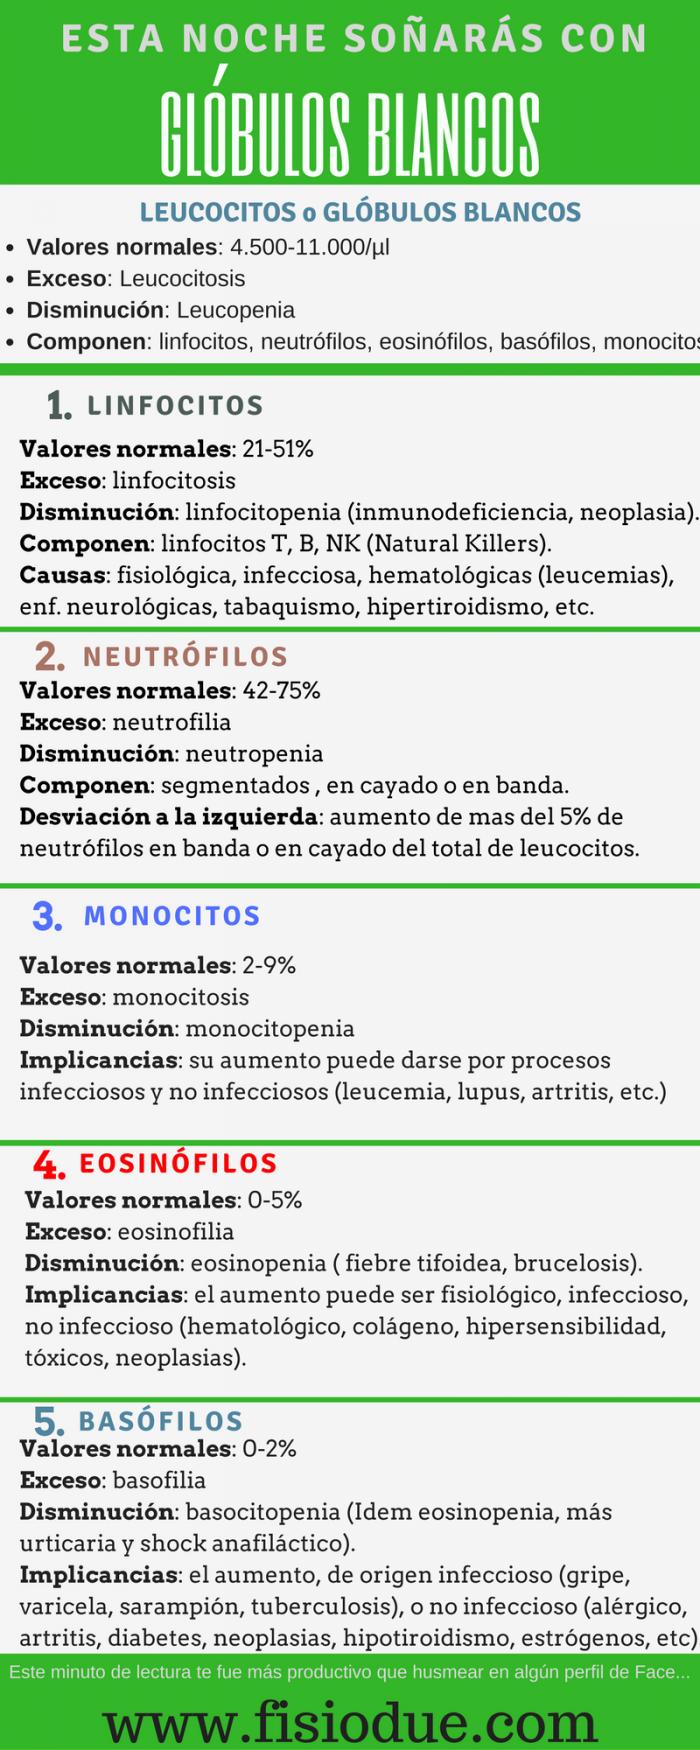 LEUCOCITOS. PARÁMETROS Y ALTERACIONES